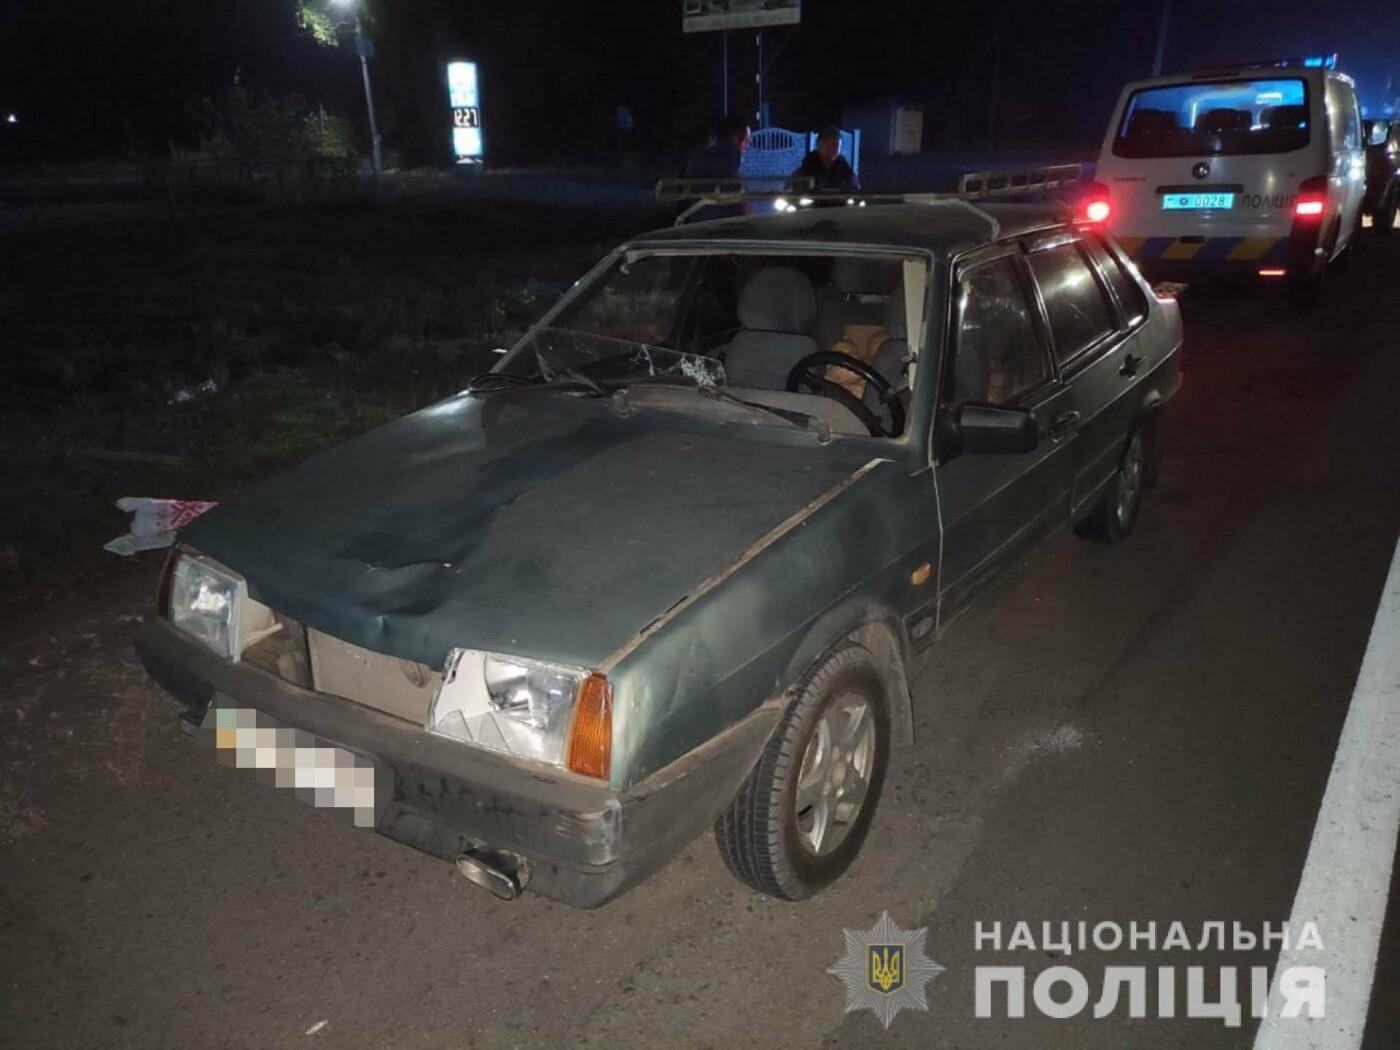 В Мерефе водитель насмерть сбил пенсионера на пешеходном переходе, - ФОТО, фото-1